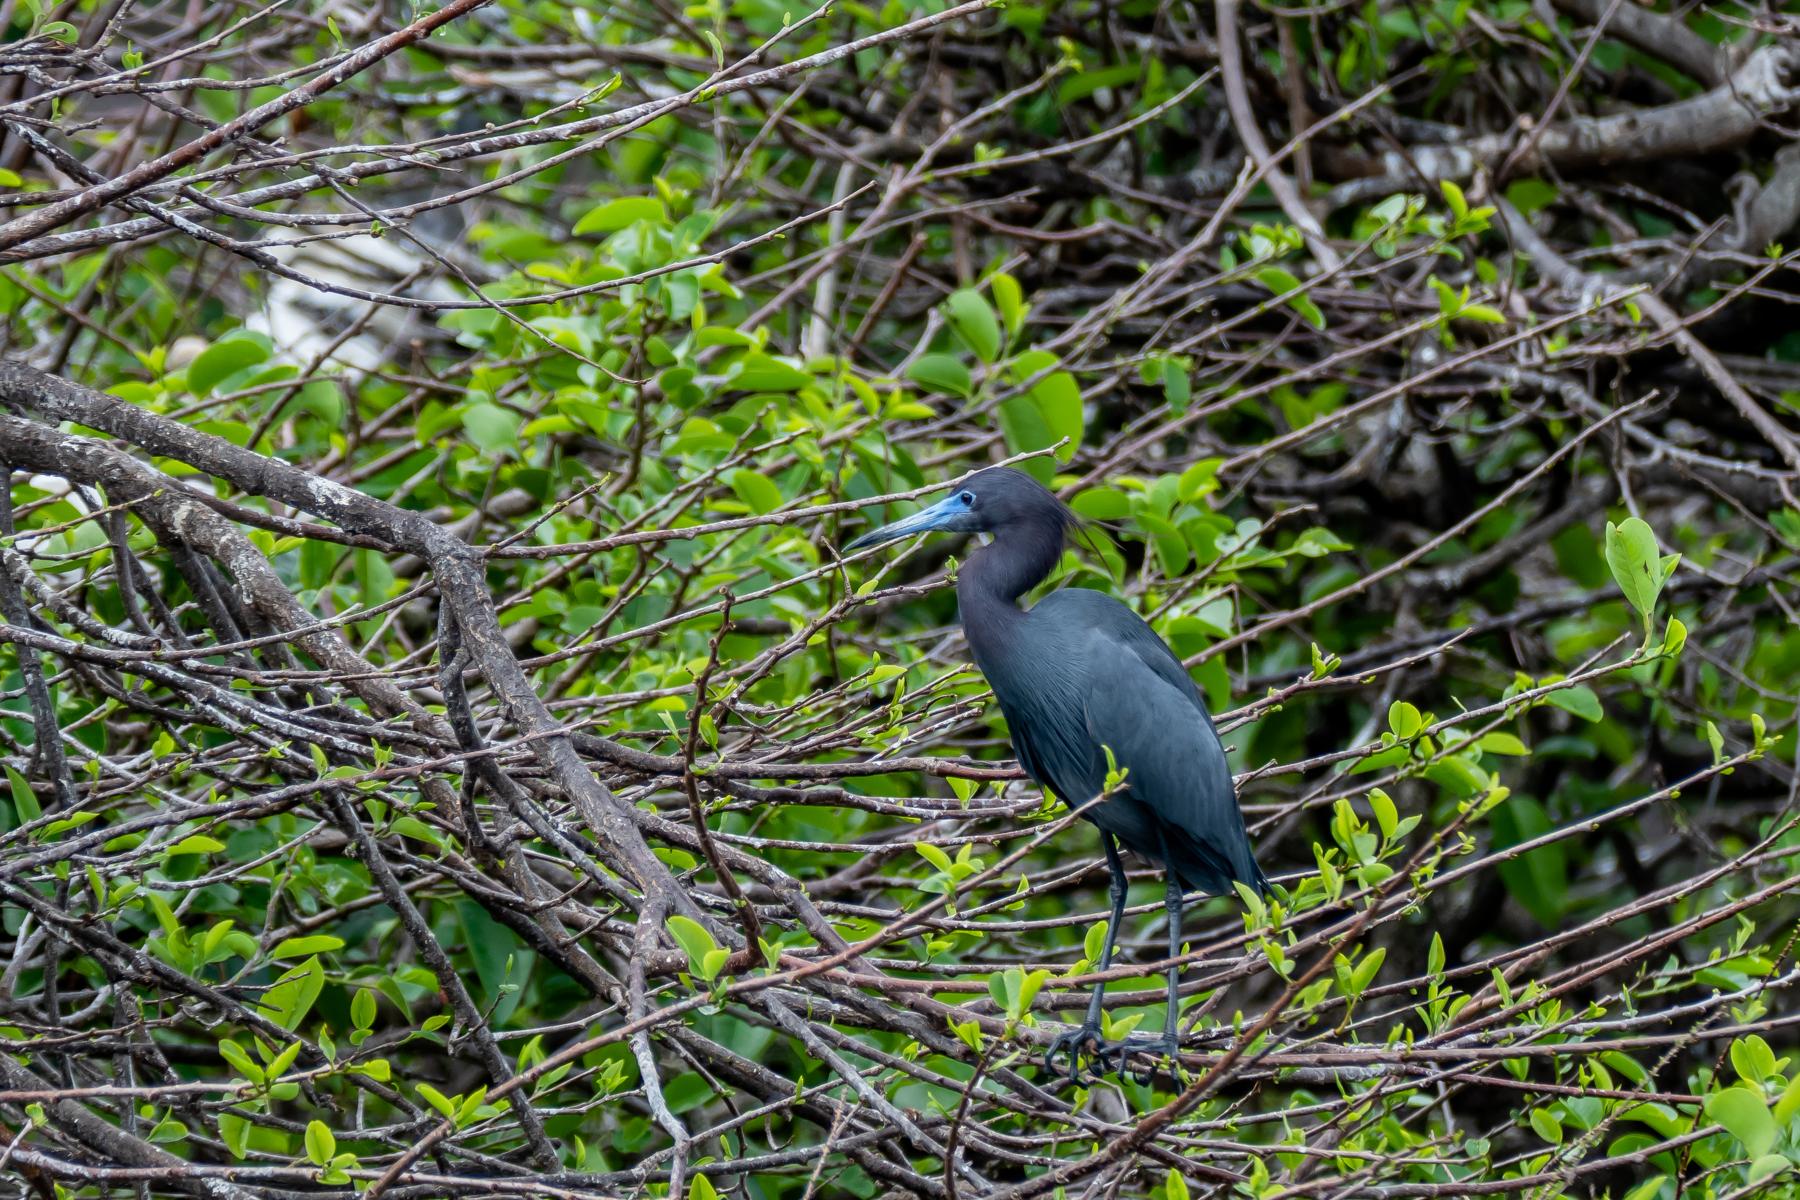 Little Blue Heron in breeding plumage.